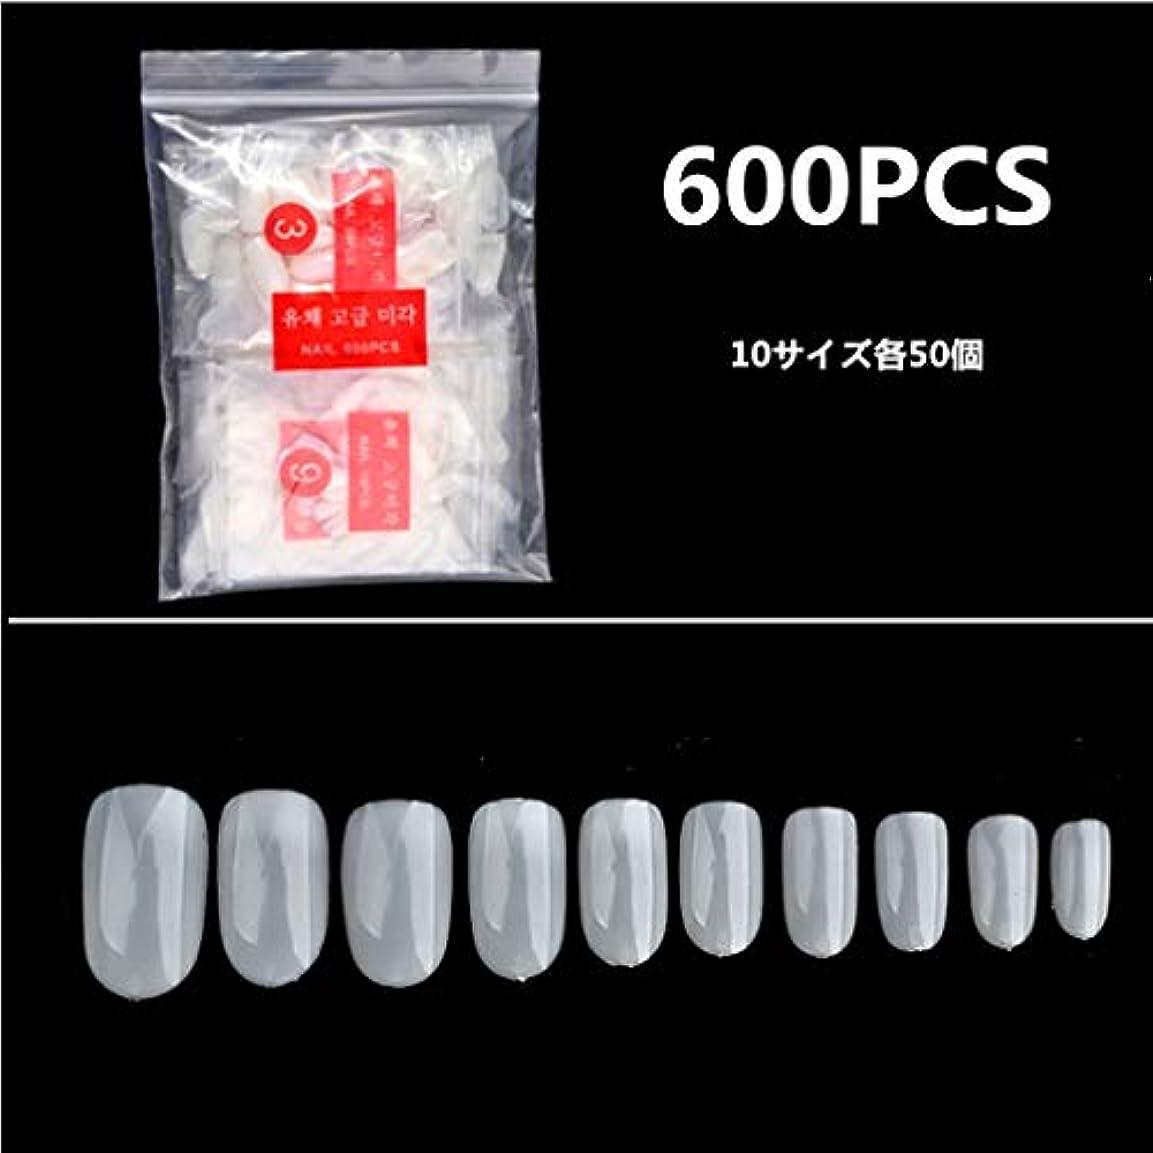 視力自動返済ATOETI ネイルチップ つけ爪 ネイル用品 10サイズ ショート デコレーション 無地 付け爪 練習用 爪にピッタリ 卵形 短い 600枚入れ 透明